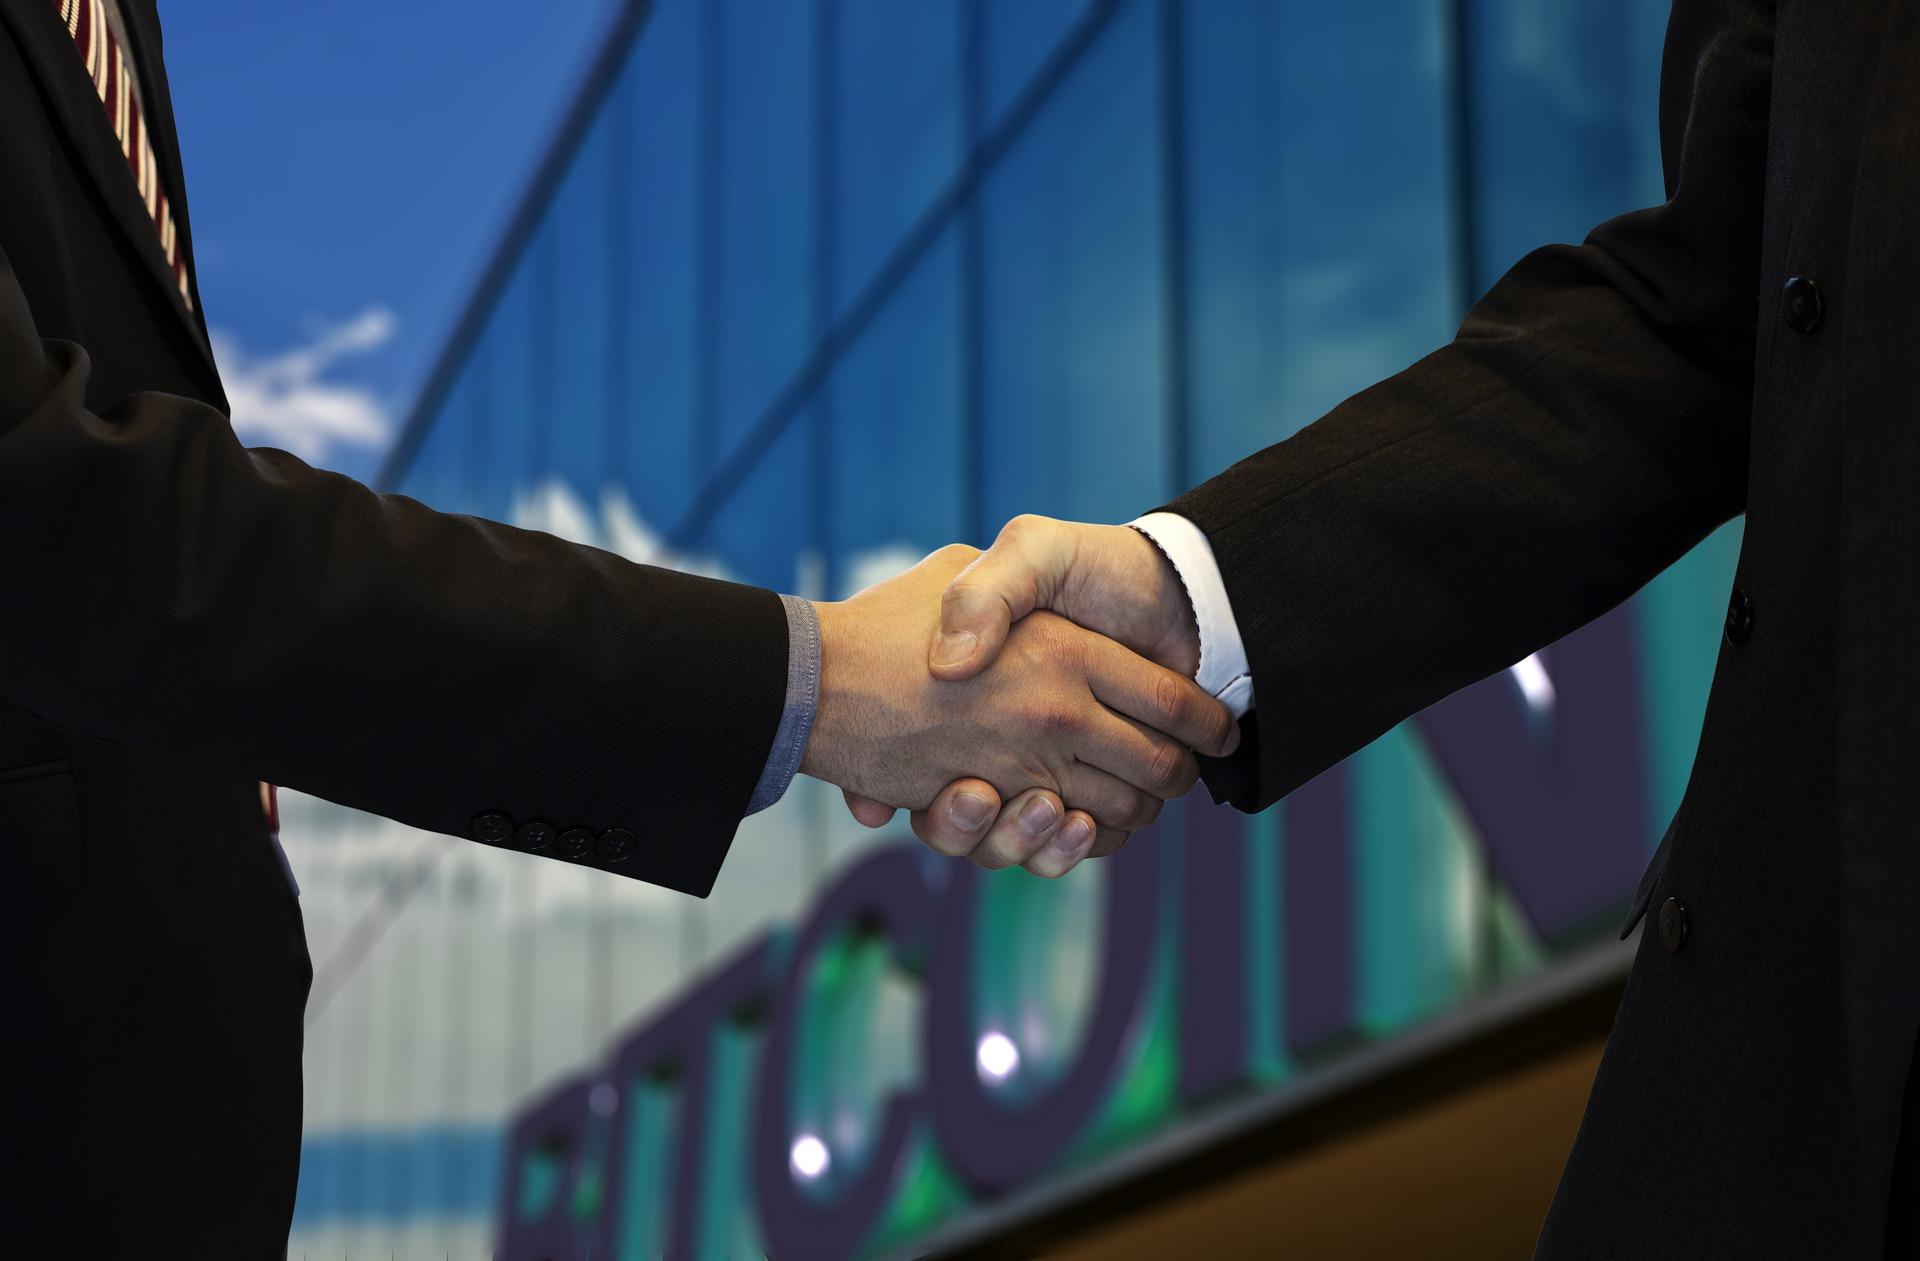 handshake-5760544_1920.jpg